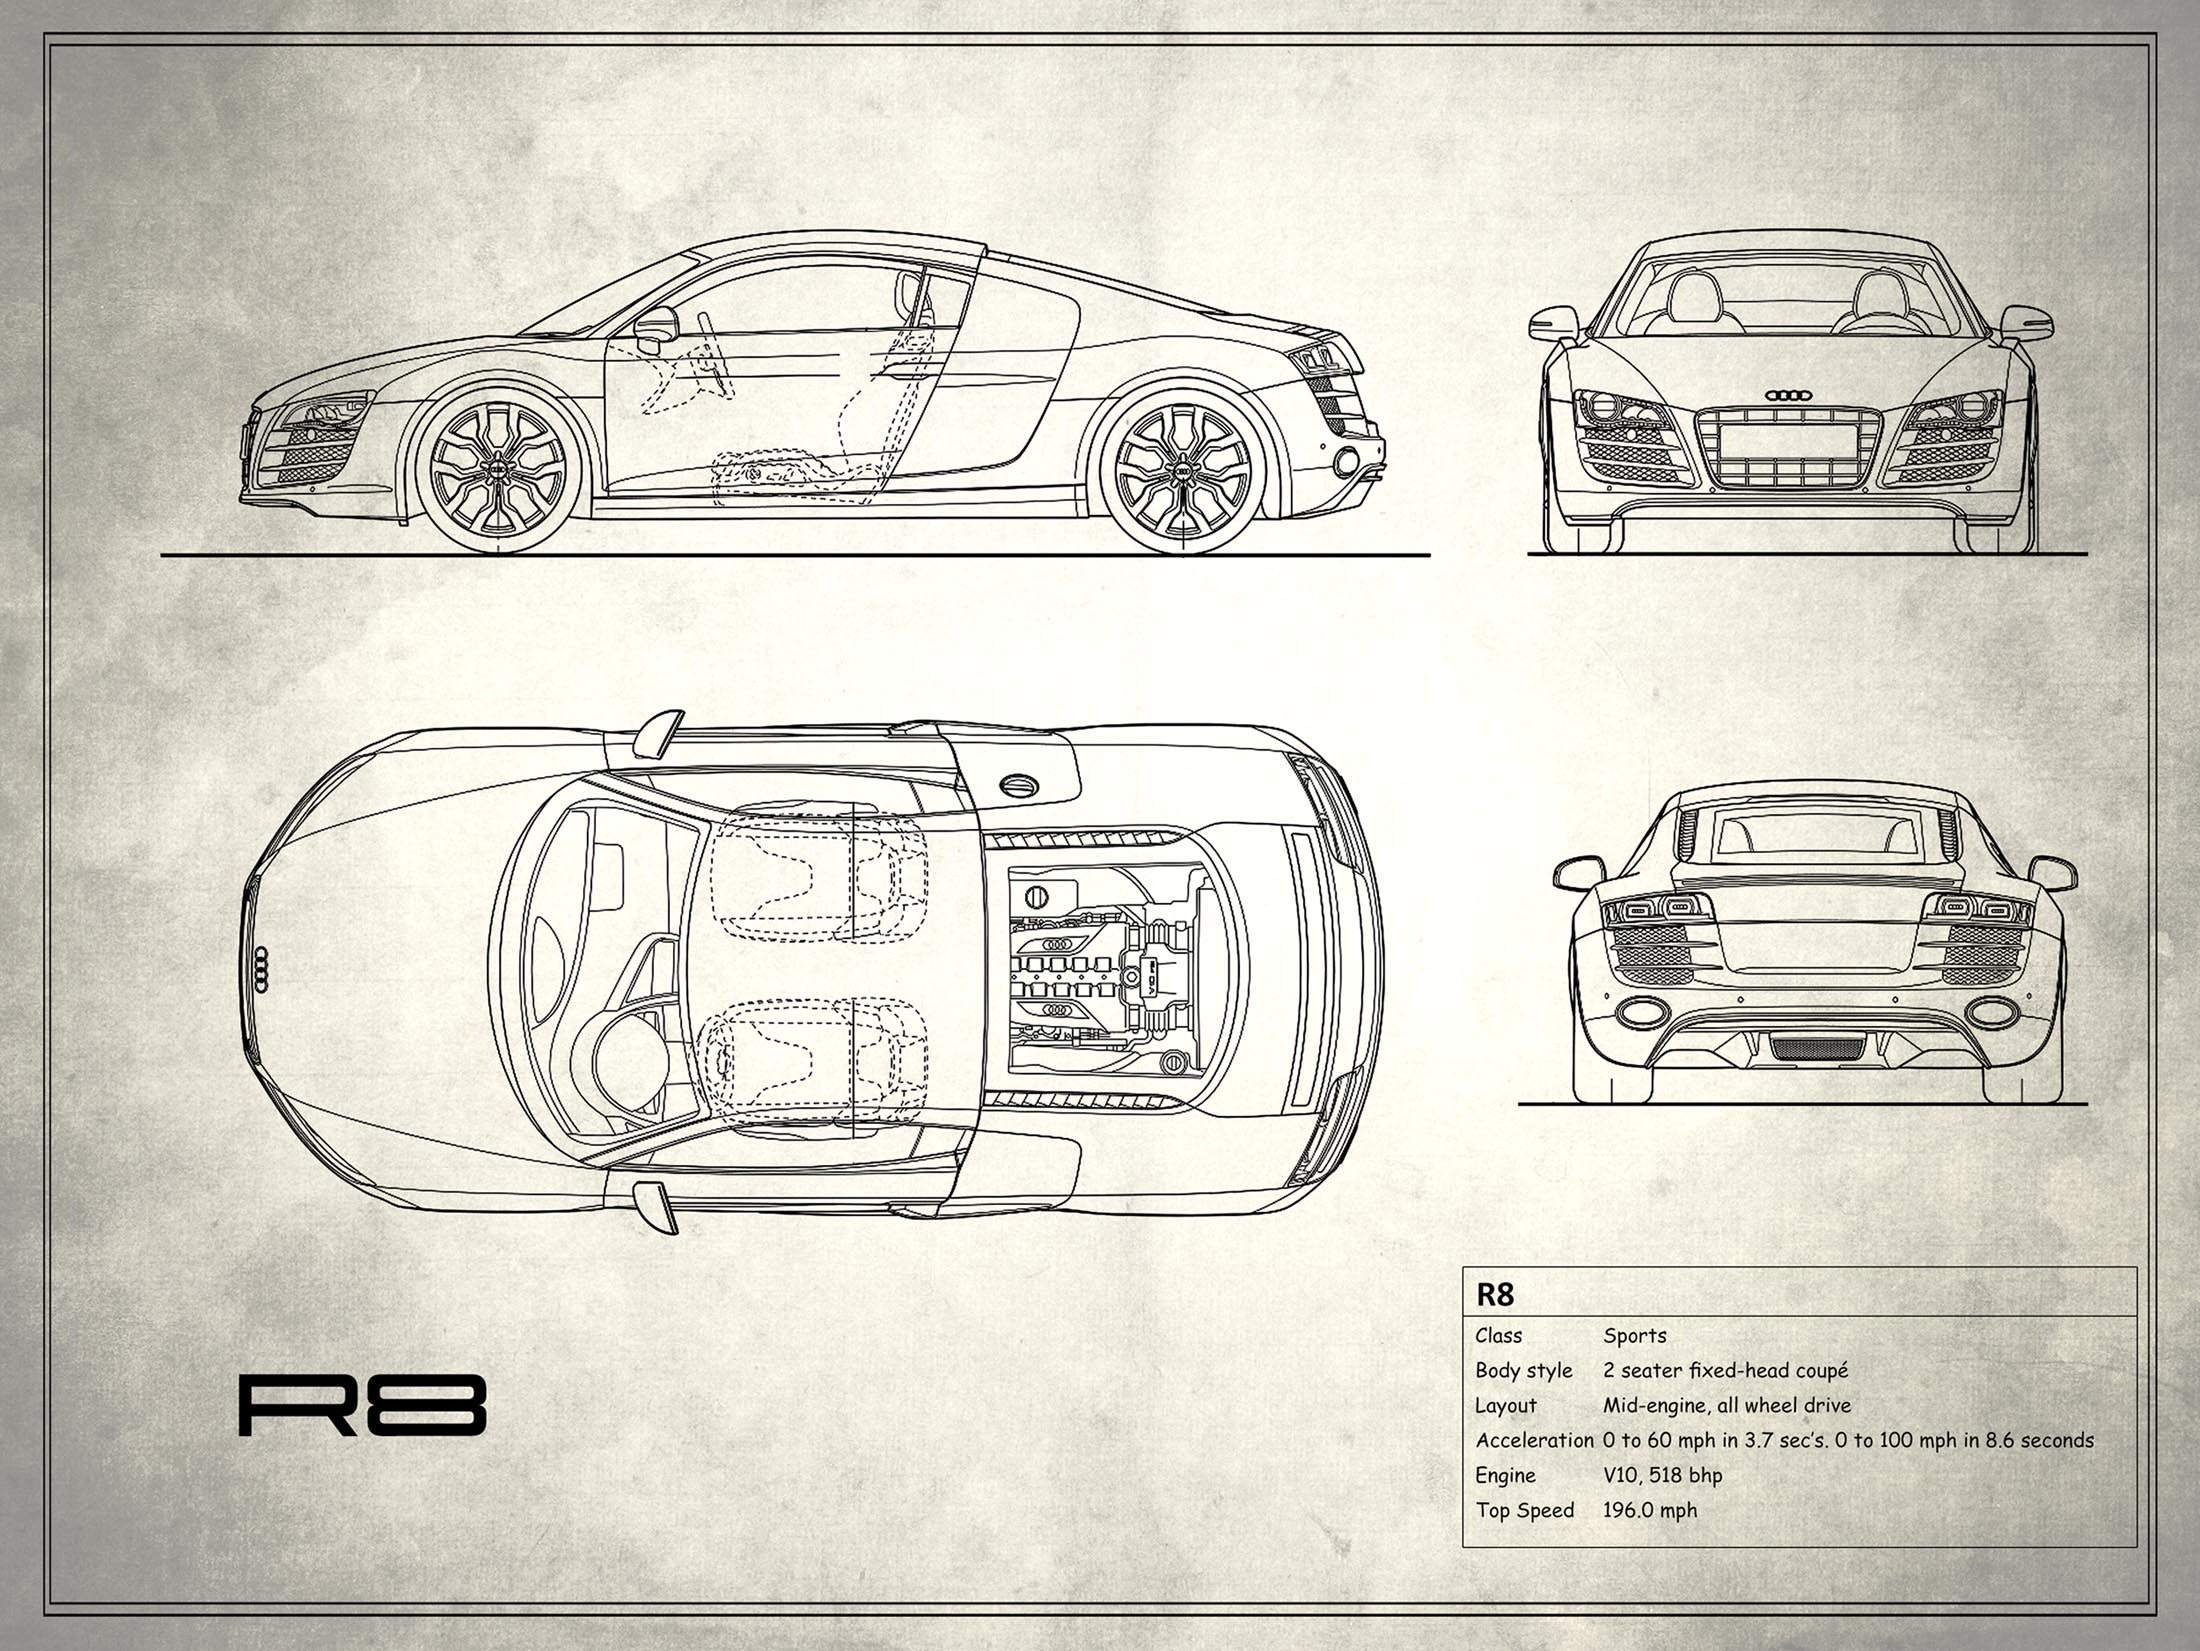 Audi R8 - White